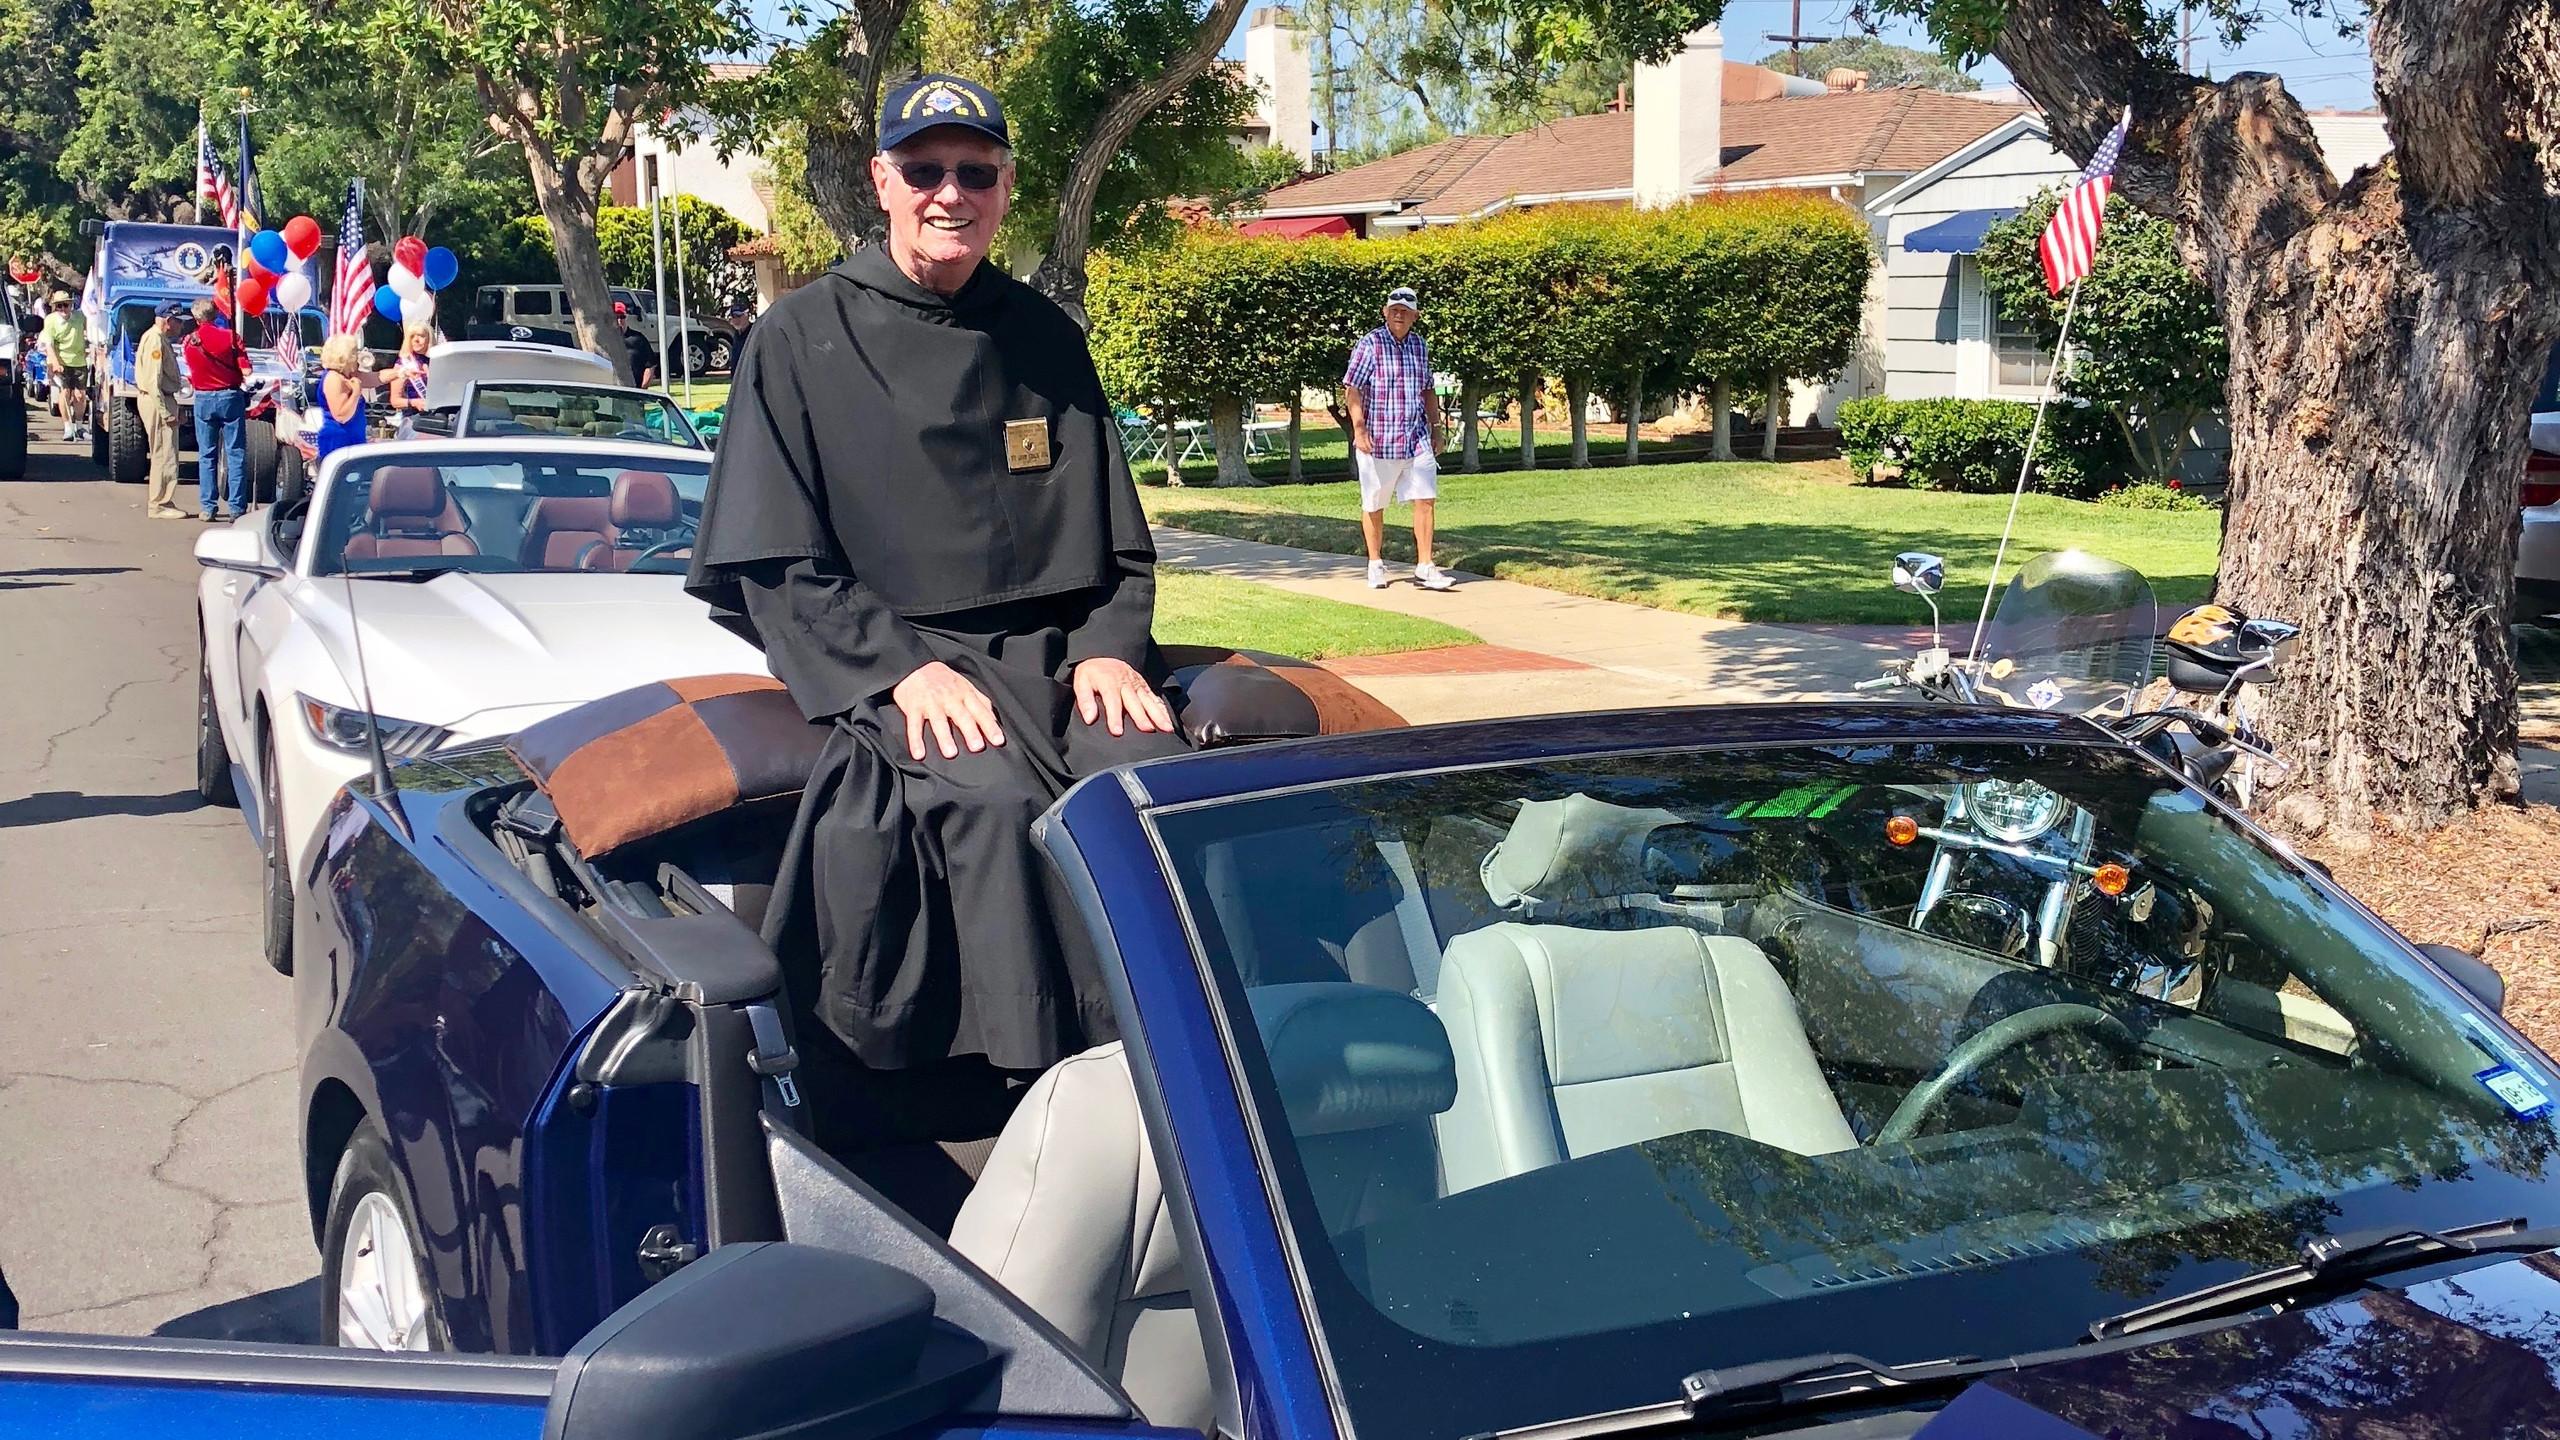 Fr. John with KofC Car